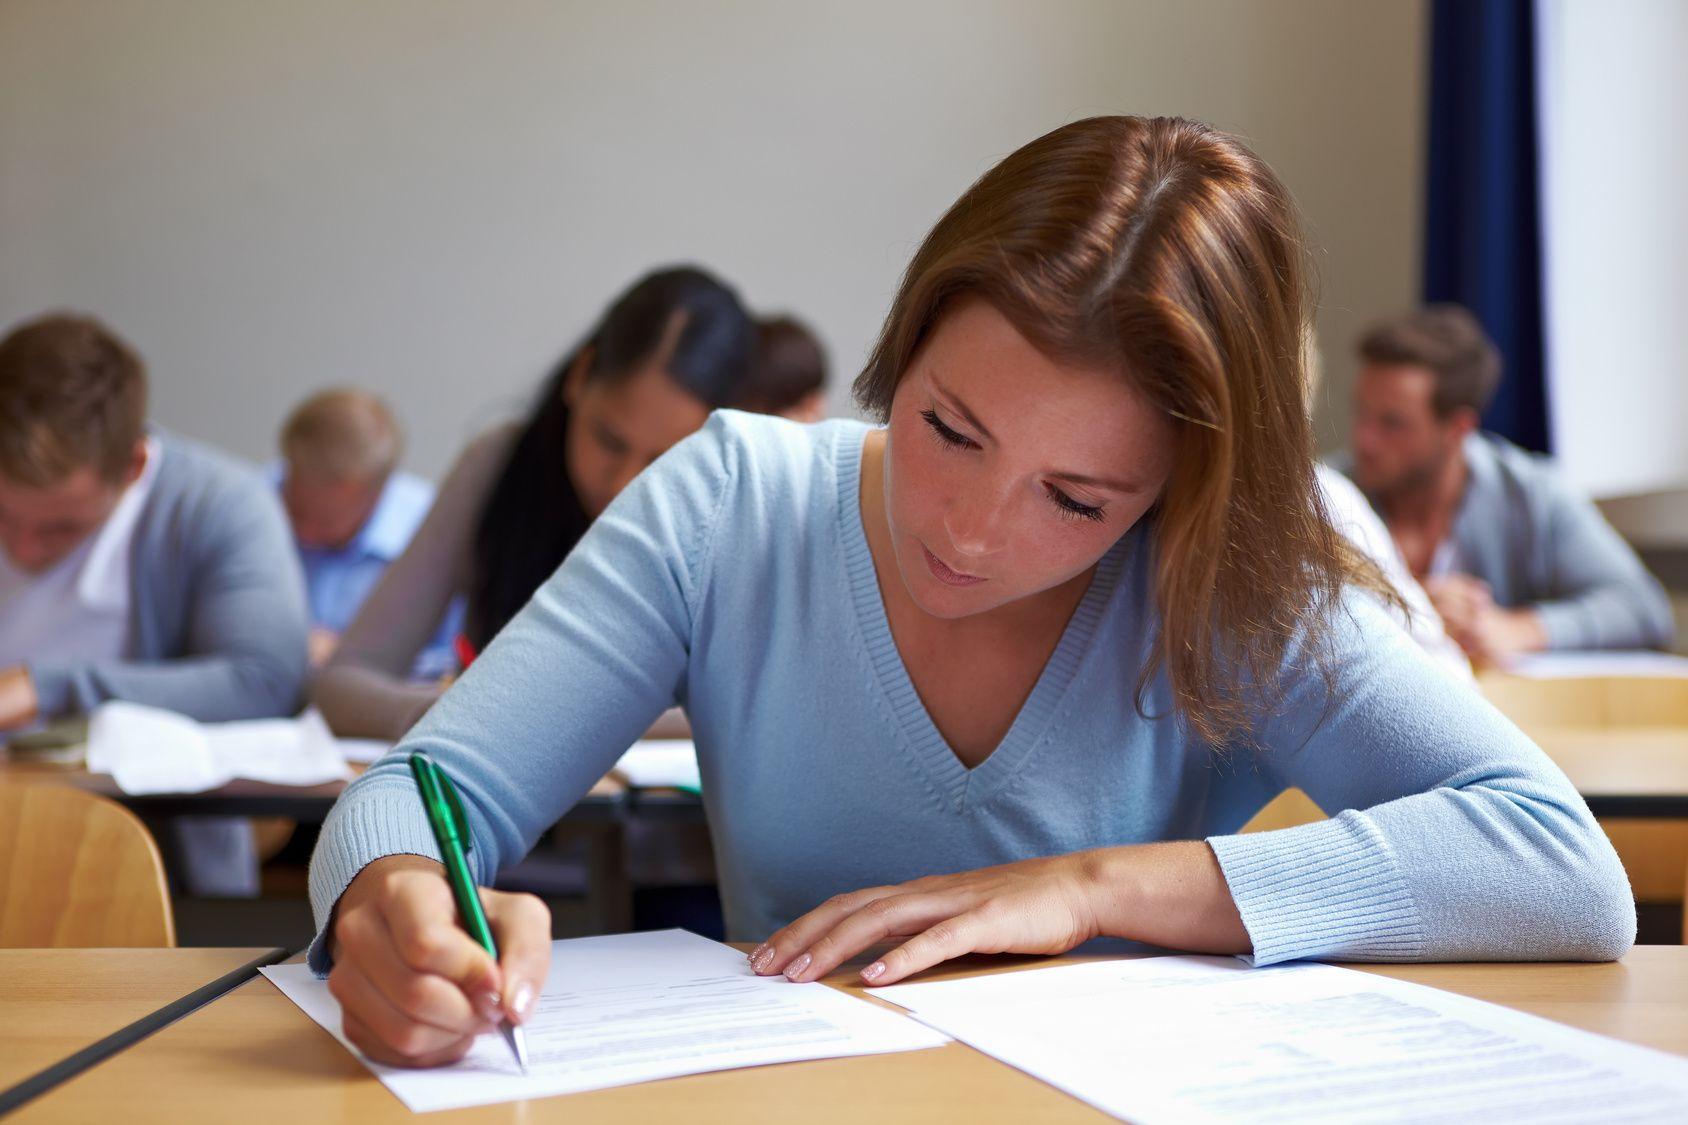 Die 10 Regeln für das Schreiben der Bachelorarbeit, Masterarbeit oder Dissertation